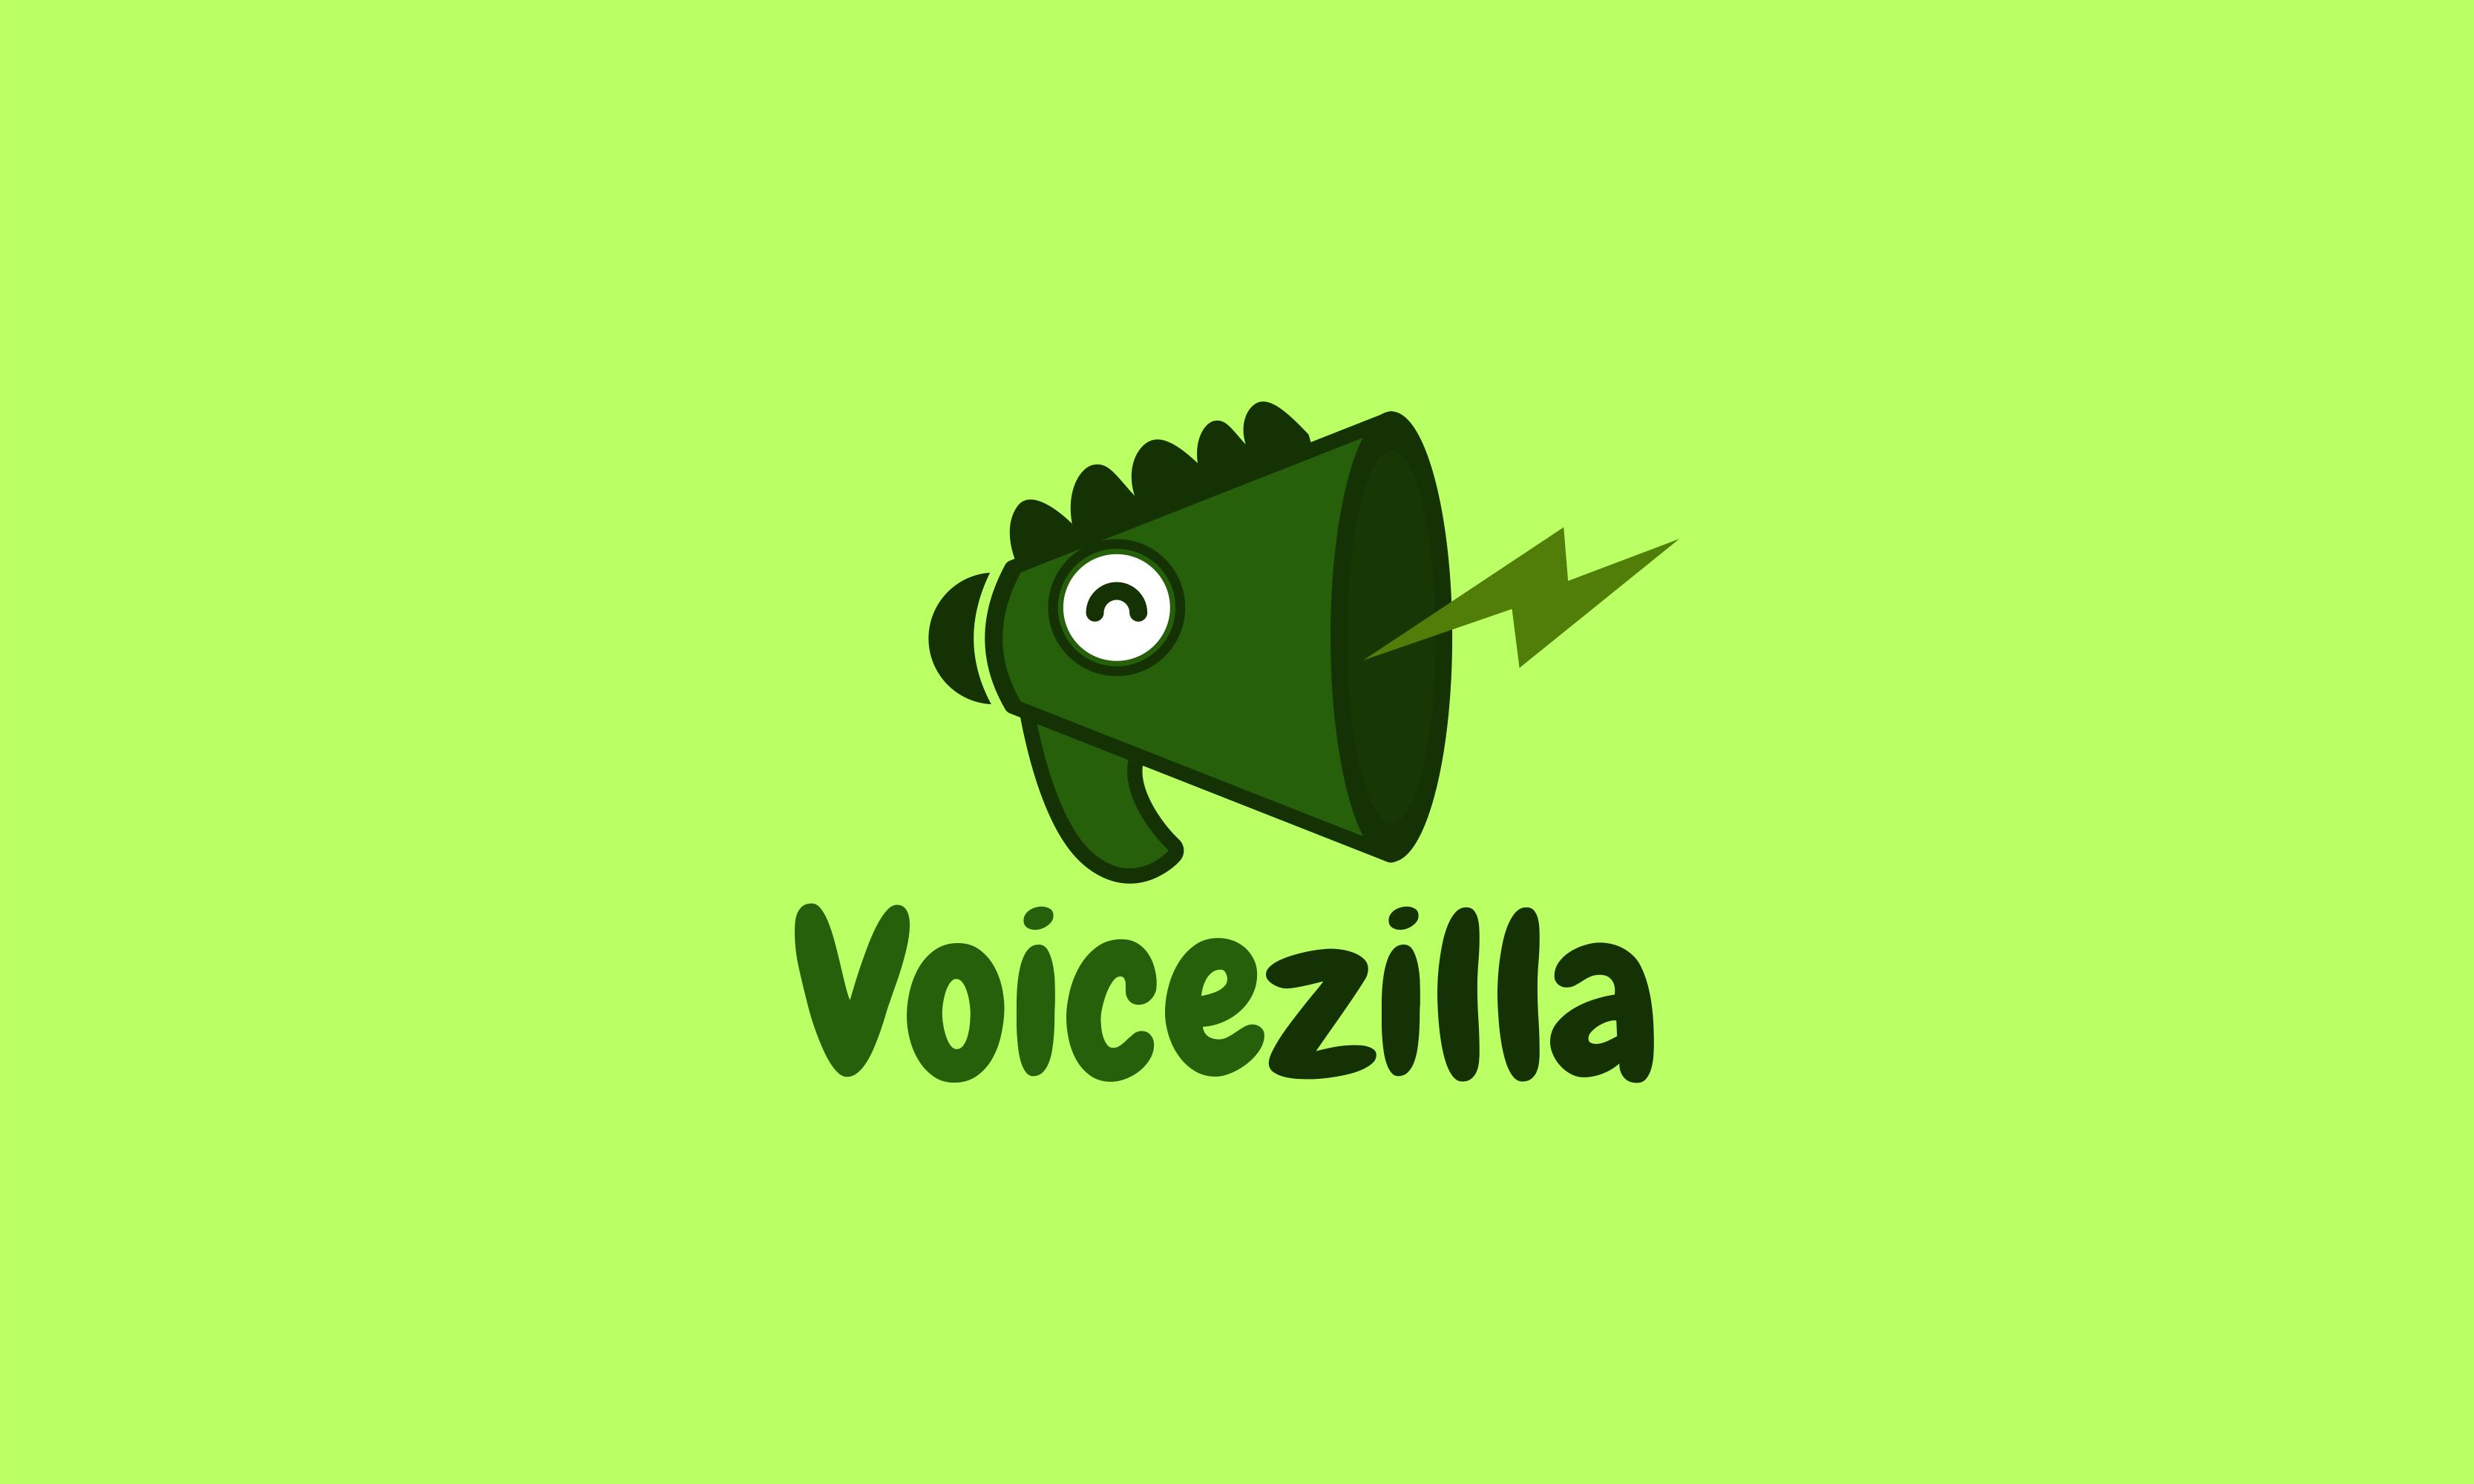 Voicezilla